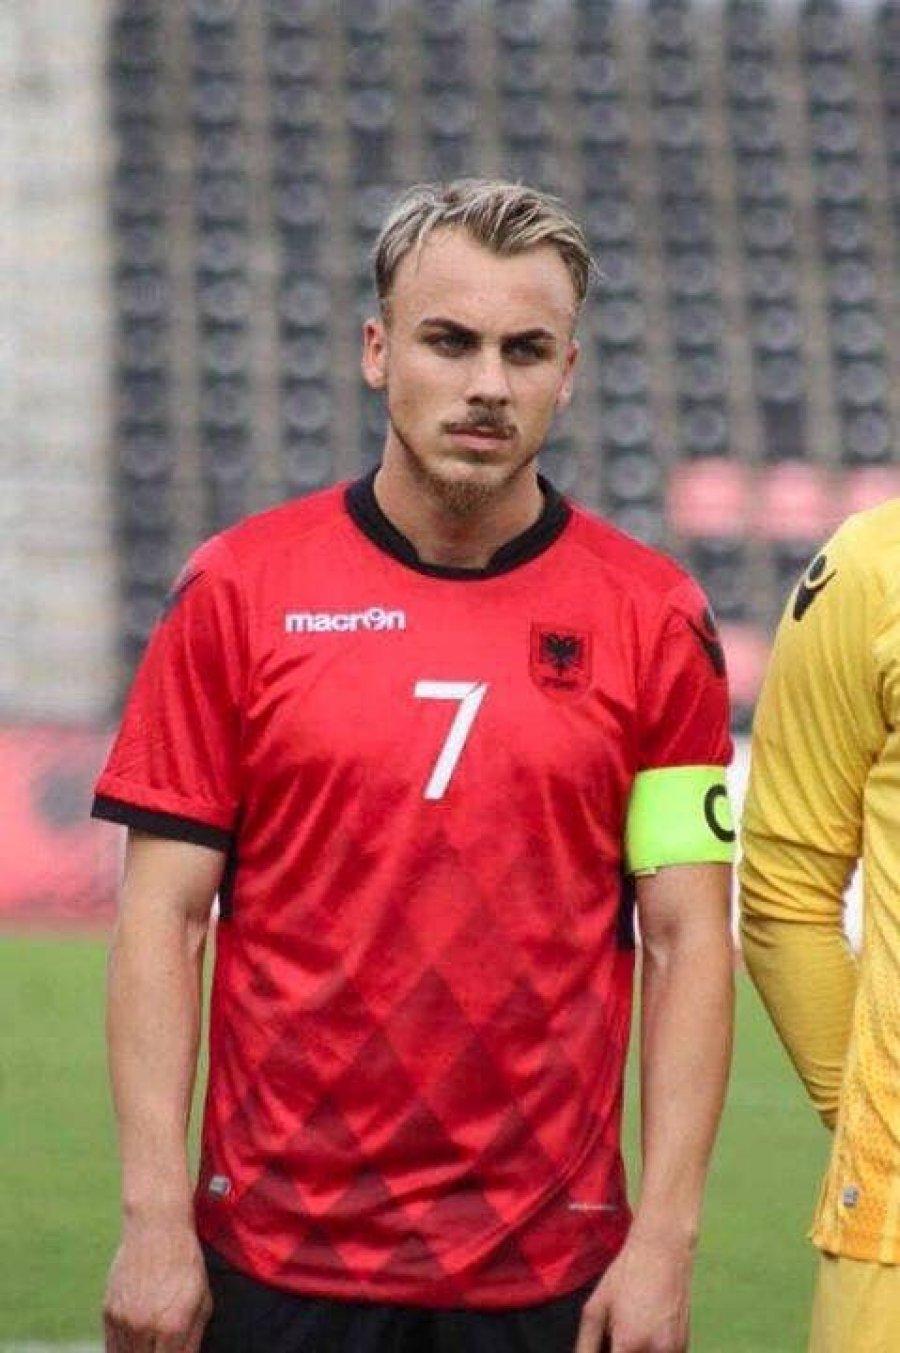 U ftua për herë të parë në Kombëtaren shqiptare, kështu shprehet futbollisti nga Kumanova